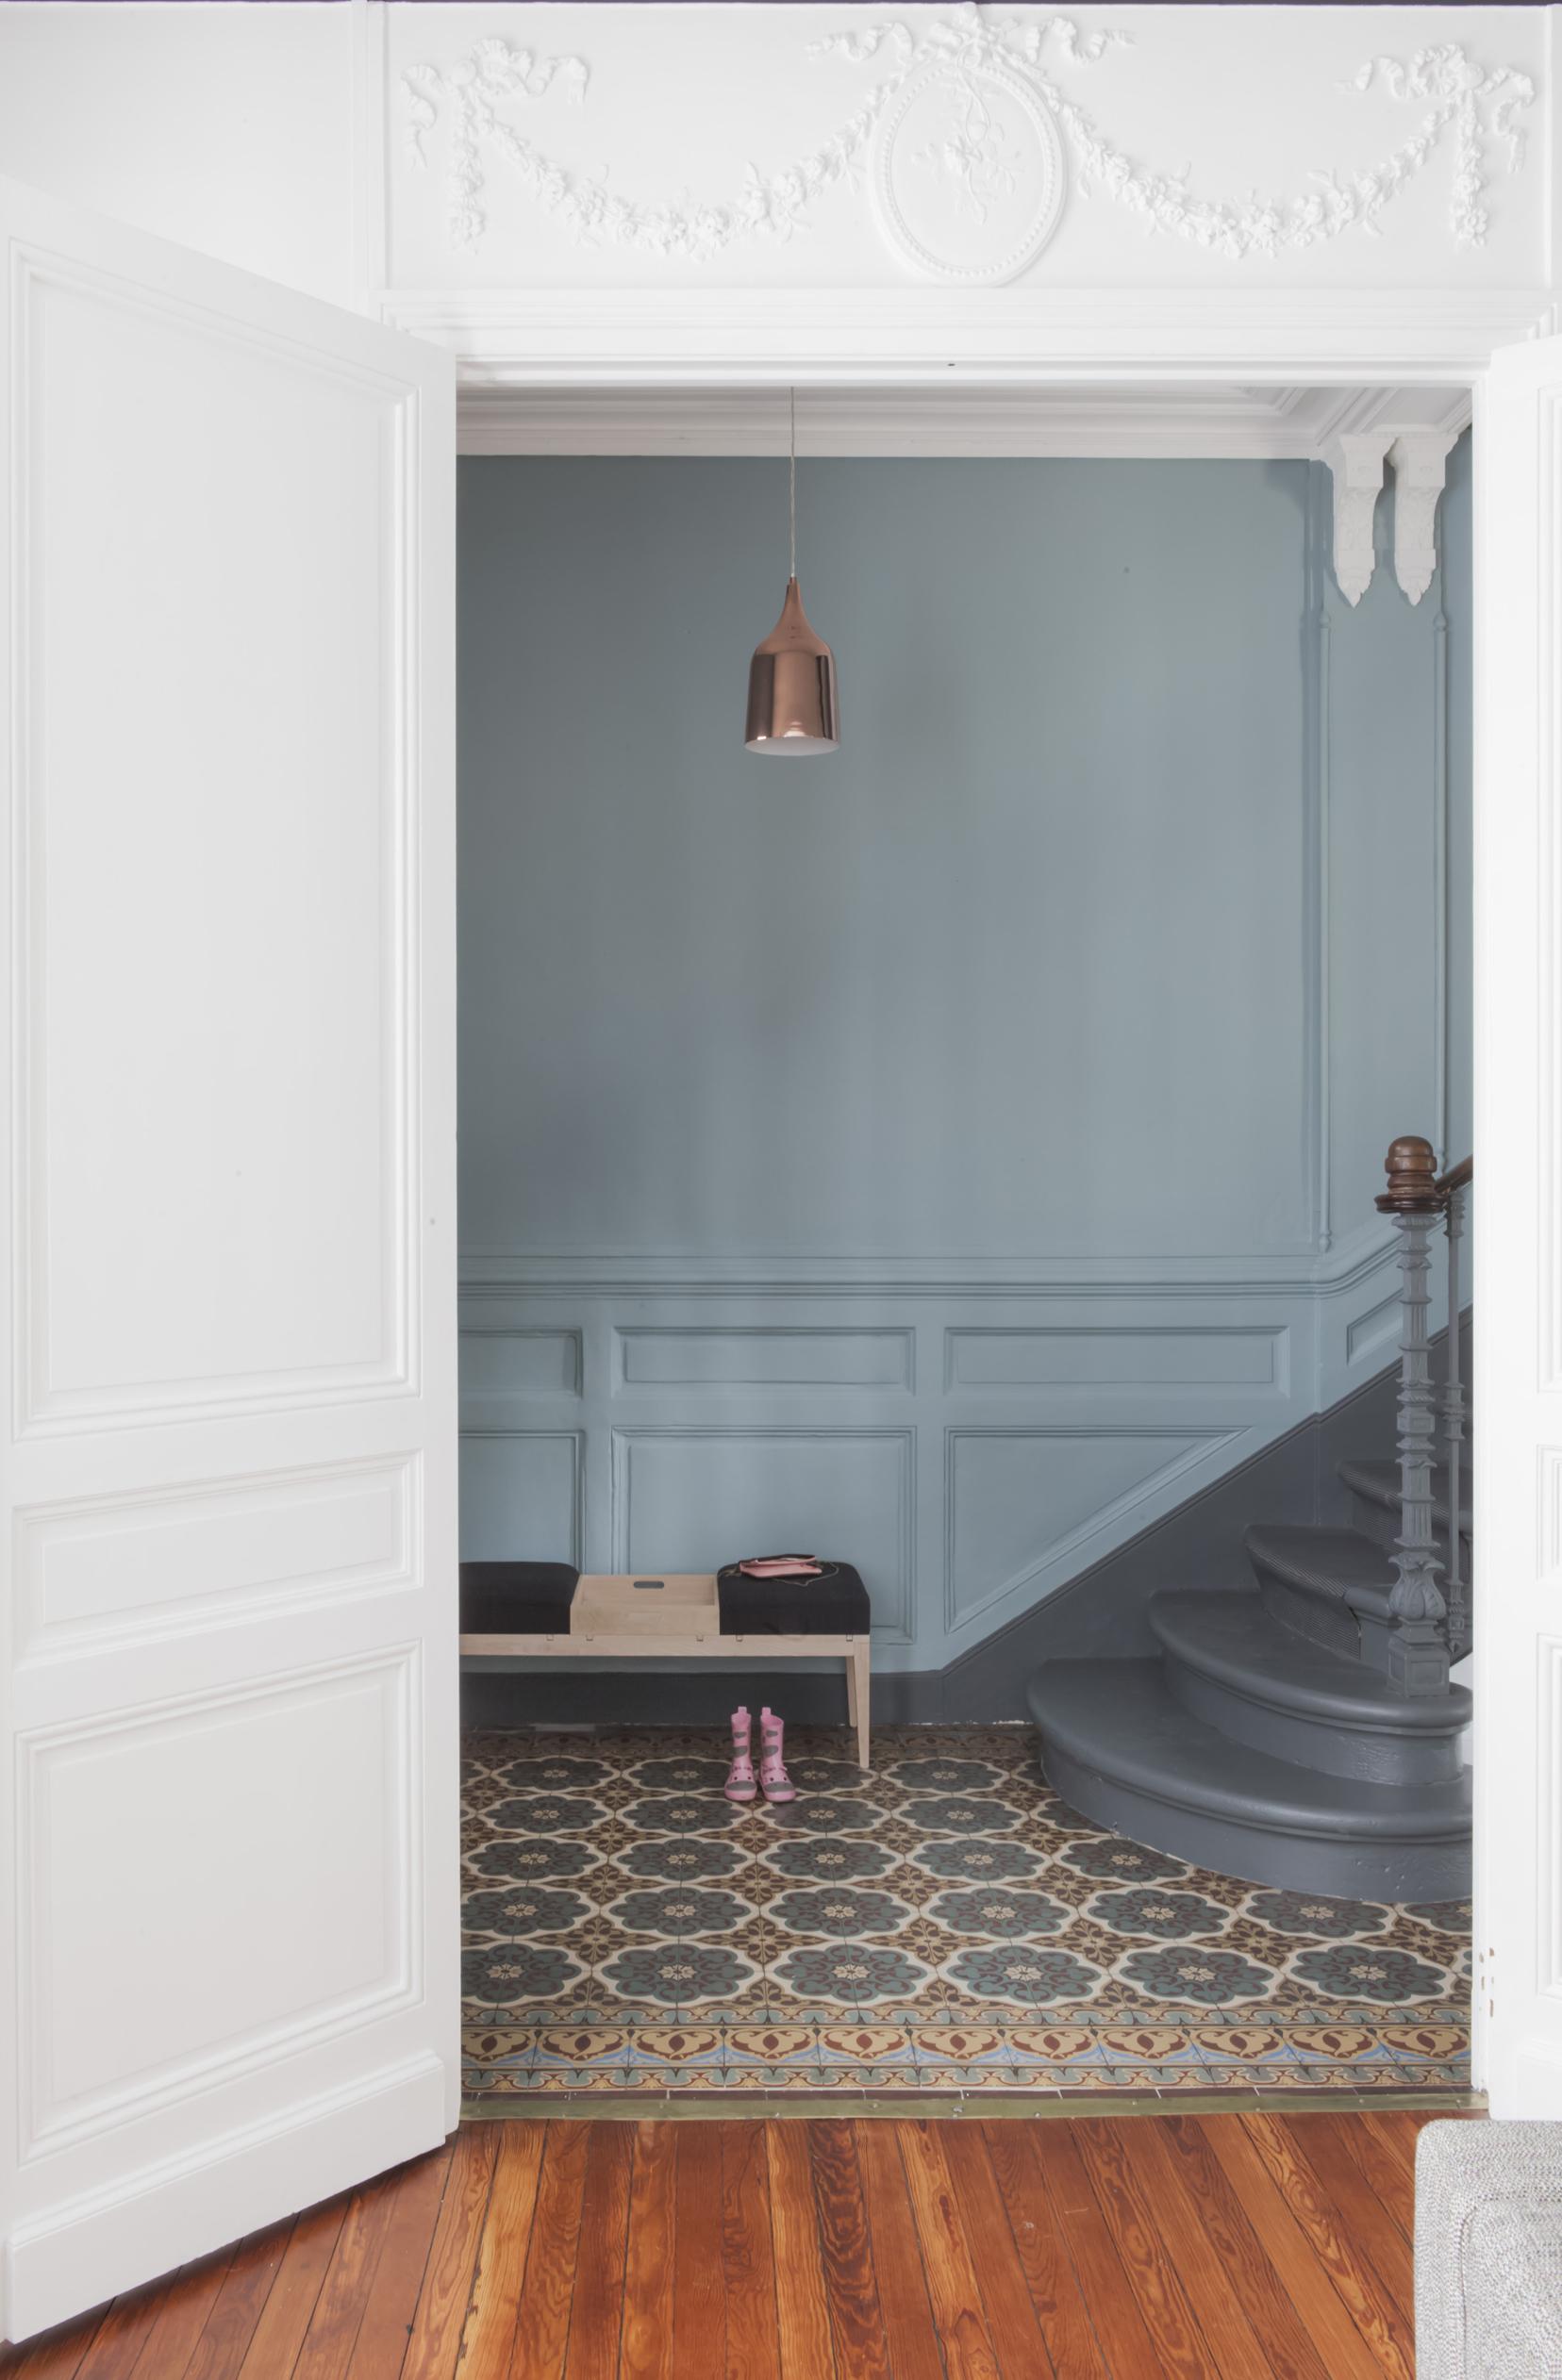 fusion d r novation d coration maison bourgeoise 210 m2